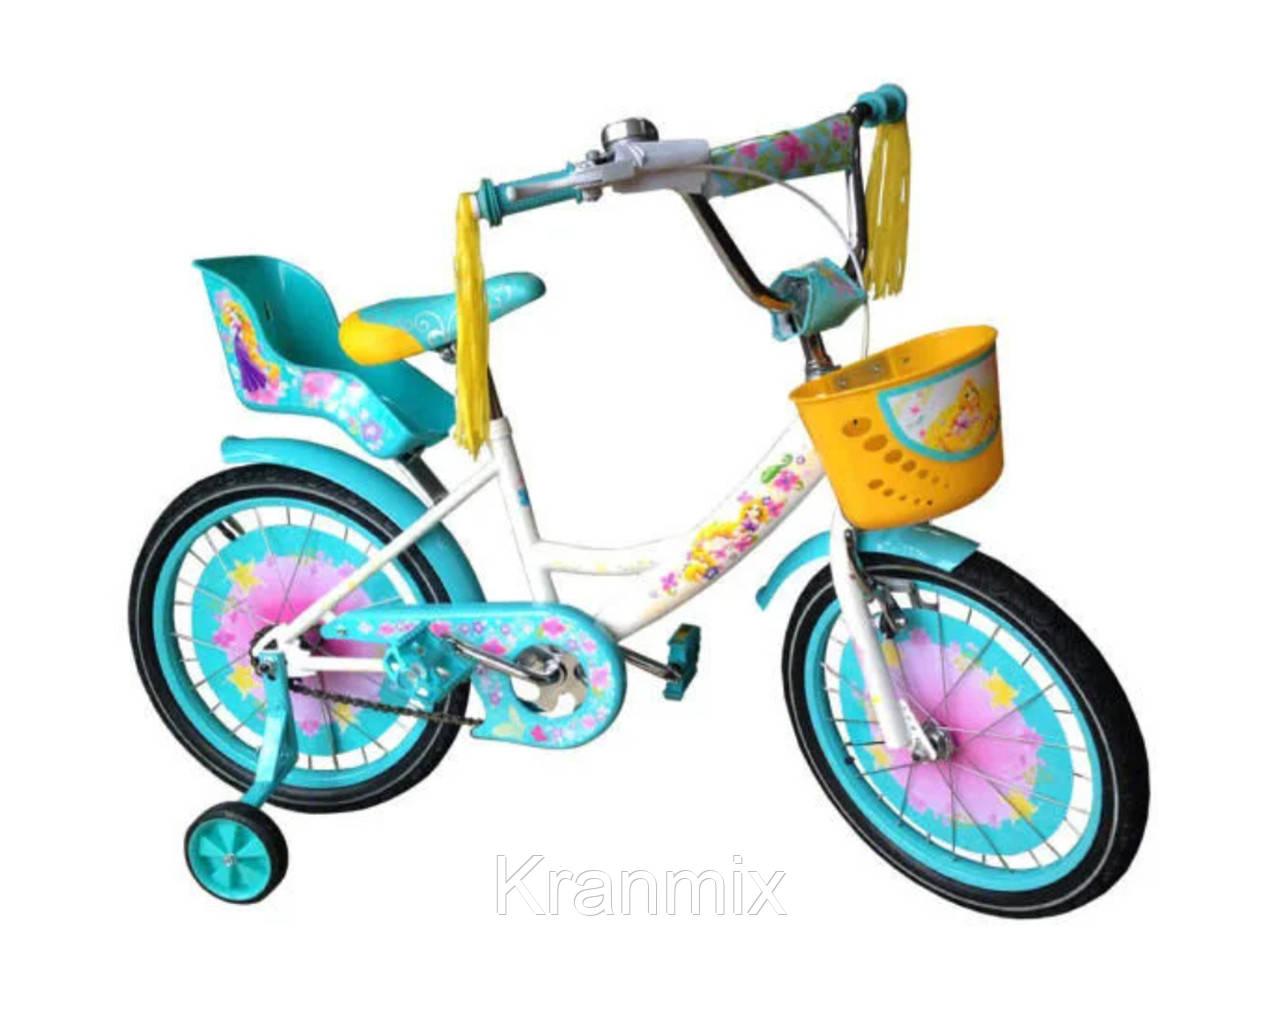 Детский двухколесный велосипед Azimut GIRLS 16 дюймов для девочки БИРЮЗОВЫЙ